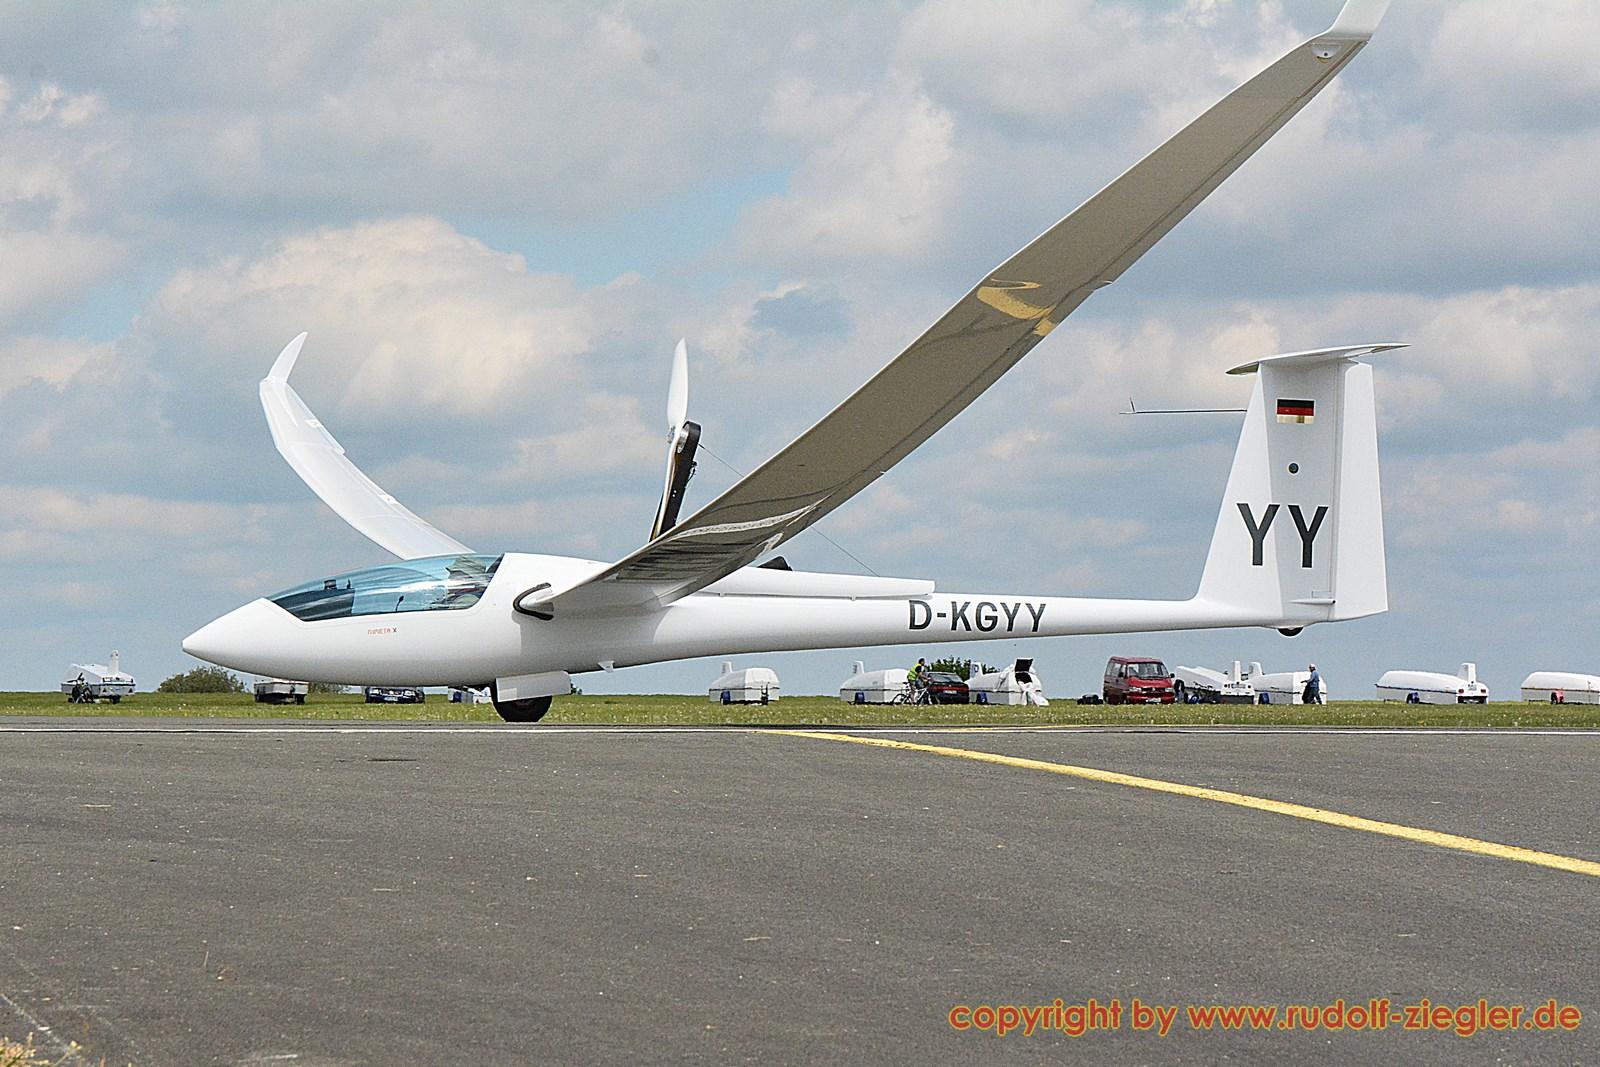 Bayerische Segelflugmeisterschaften - Flugplatz Bindlach 105-A-S (1600x1200)